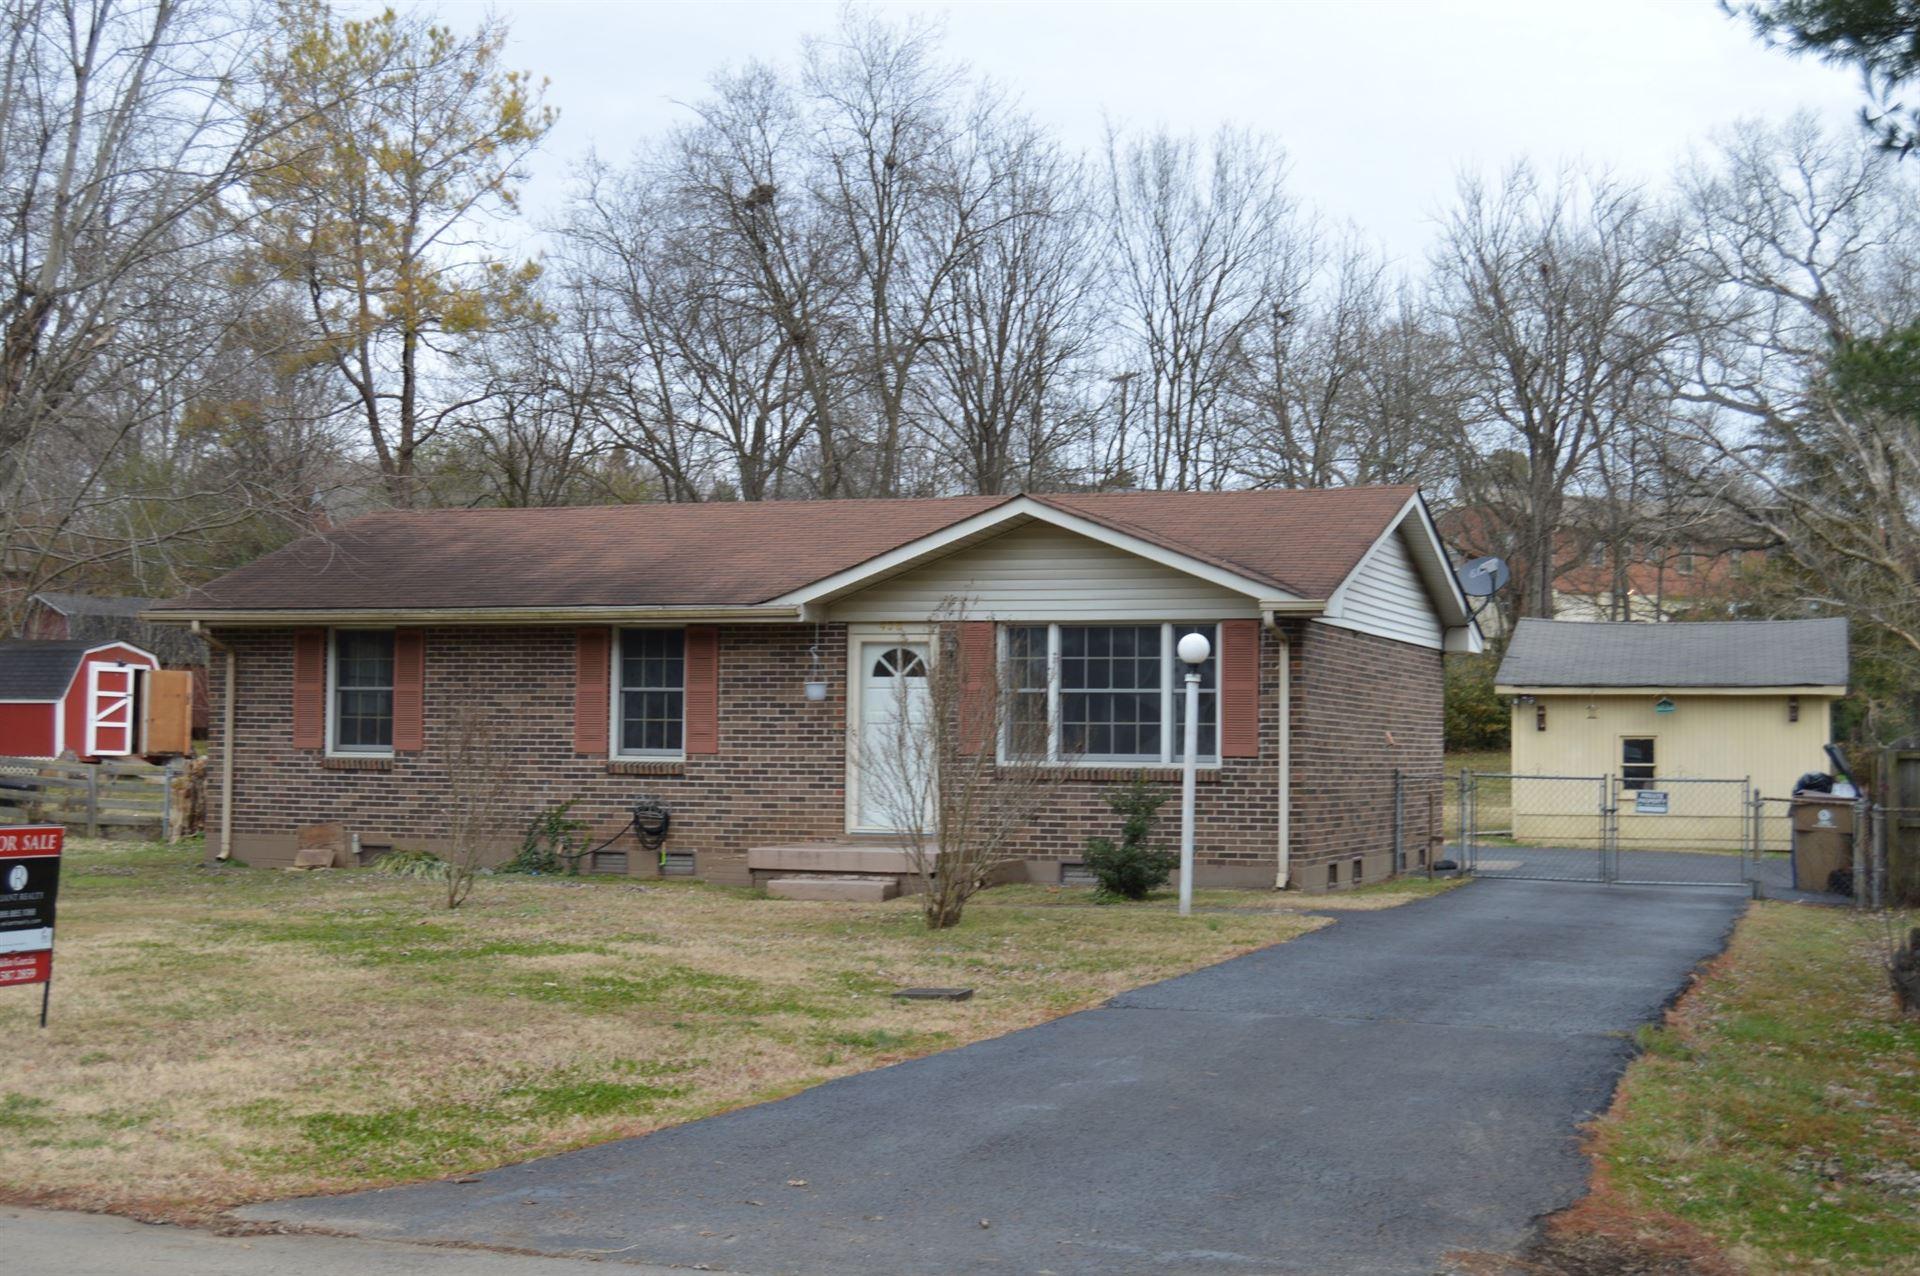 438 Janette Ave, Goodlettsville, TN 37072 - MLS#: 2215063